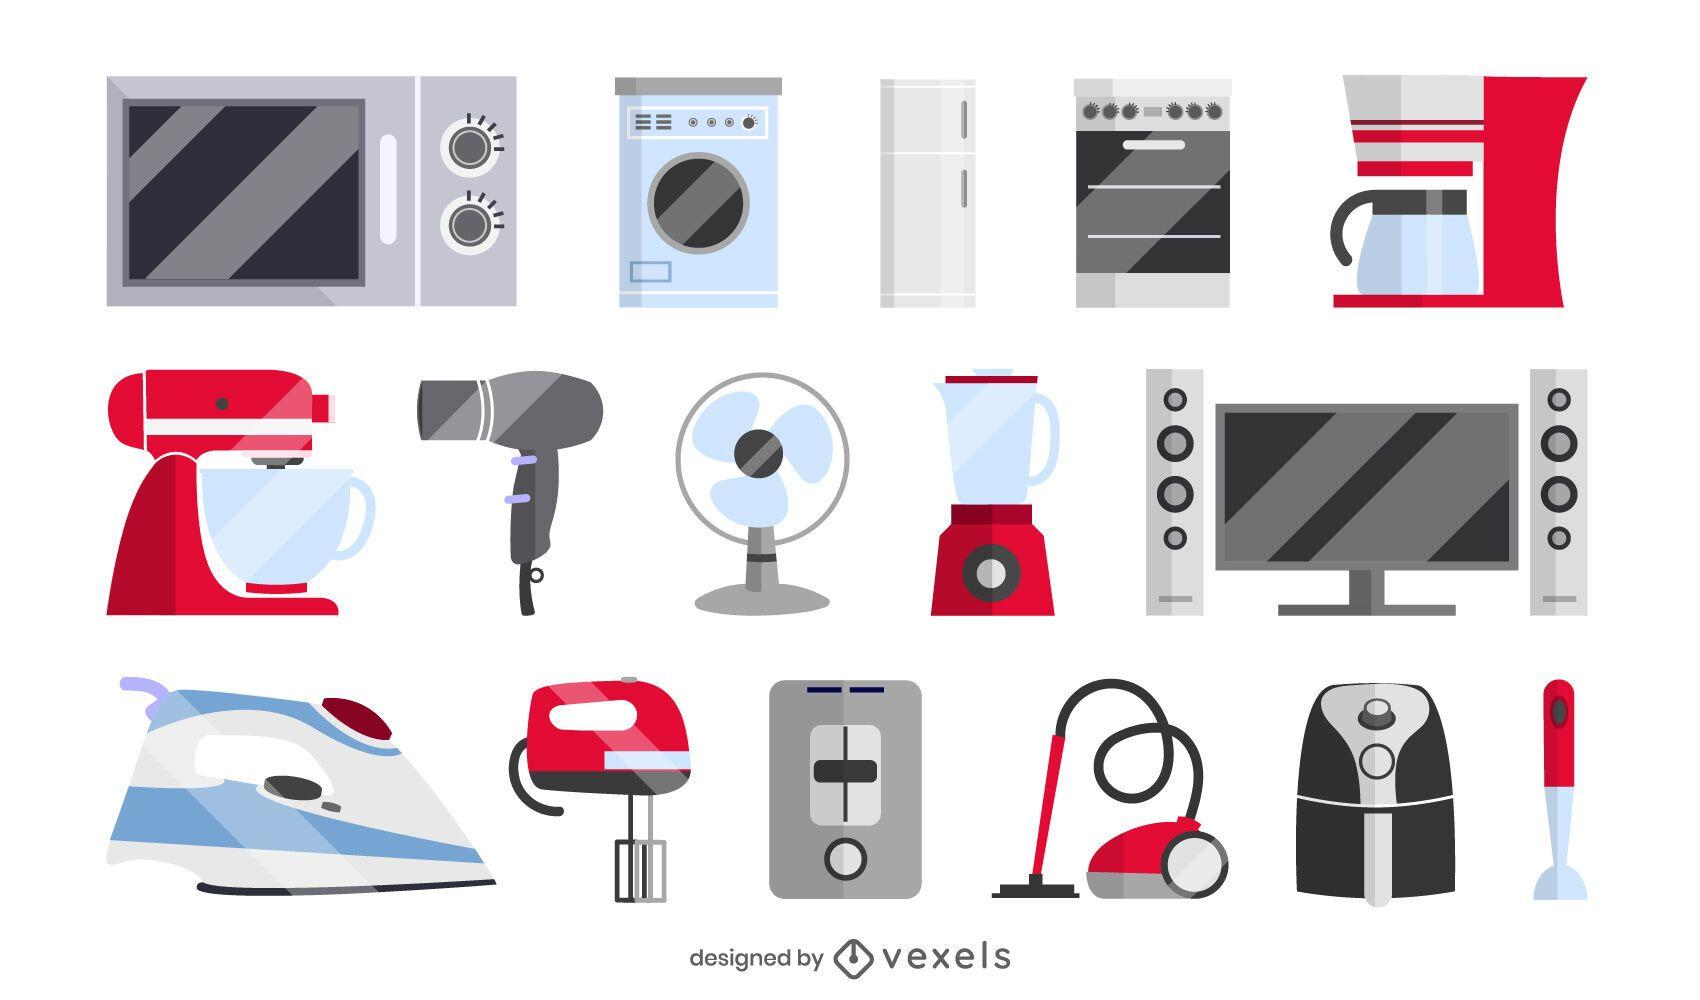 coleção de conjuntos de eletrodomésticos